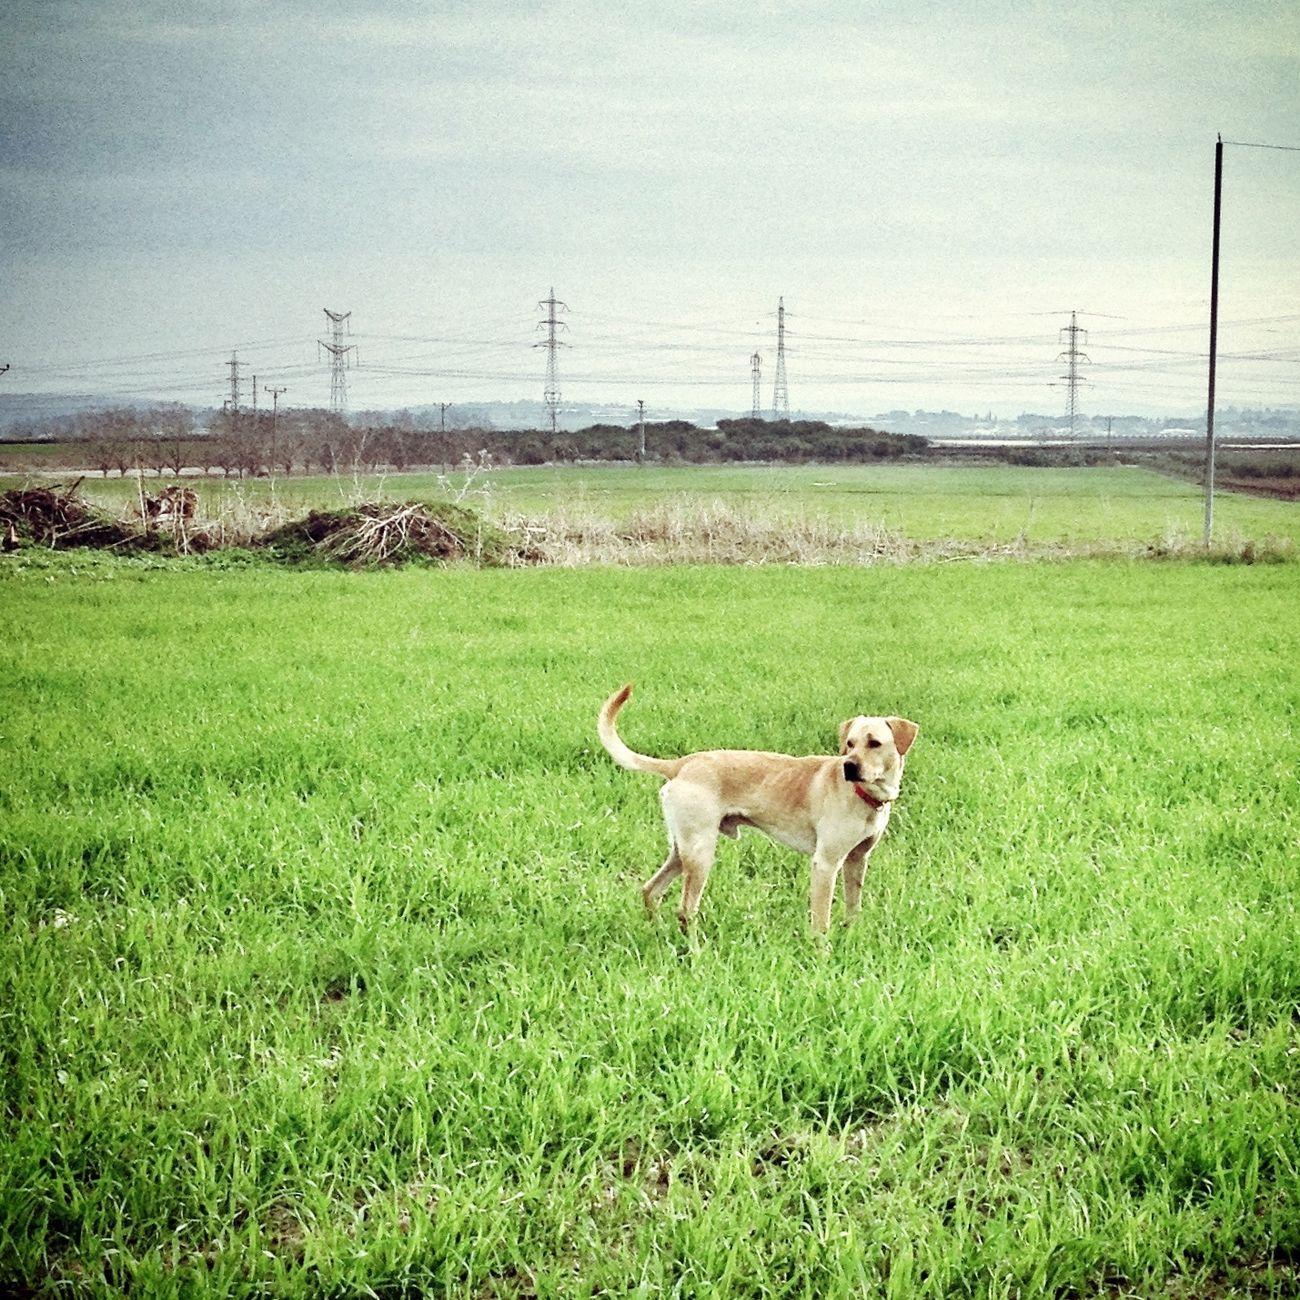 My Dog Morning Trip Enjoying Life